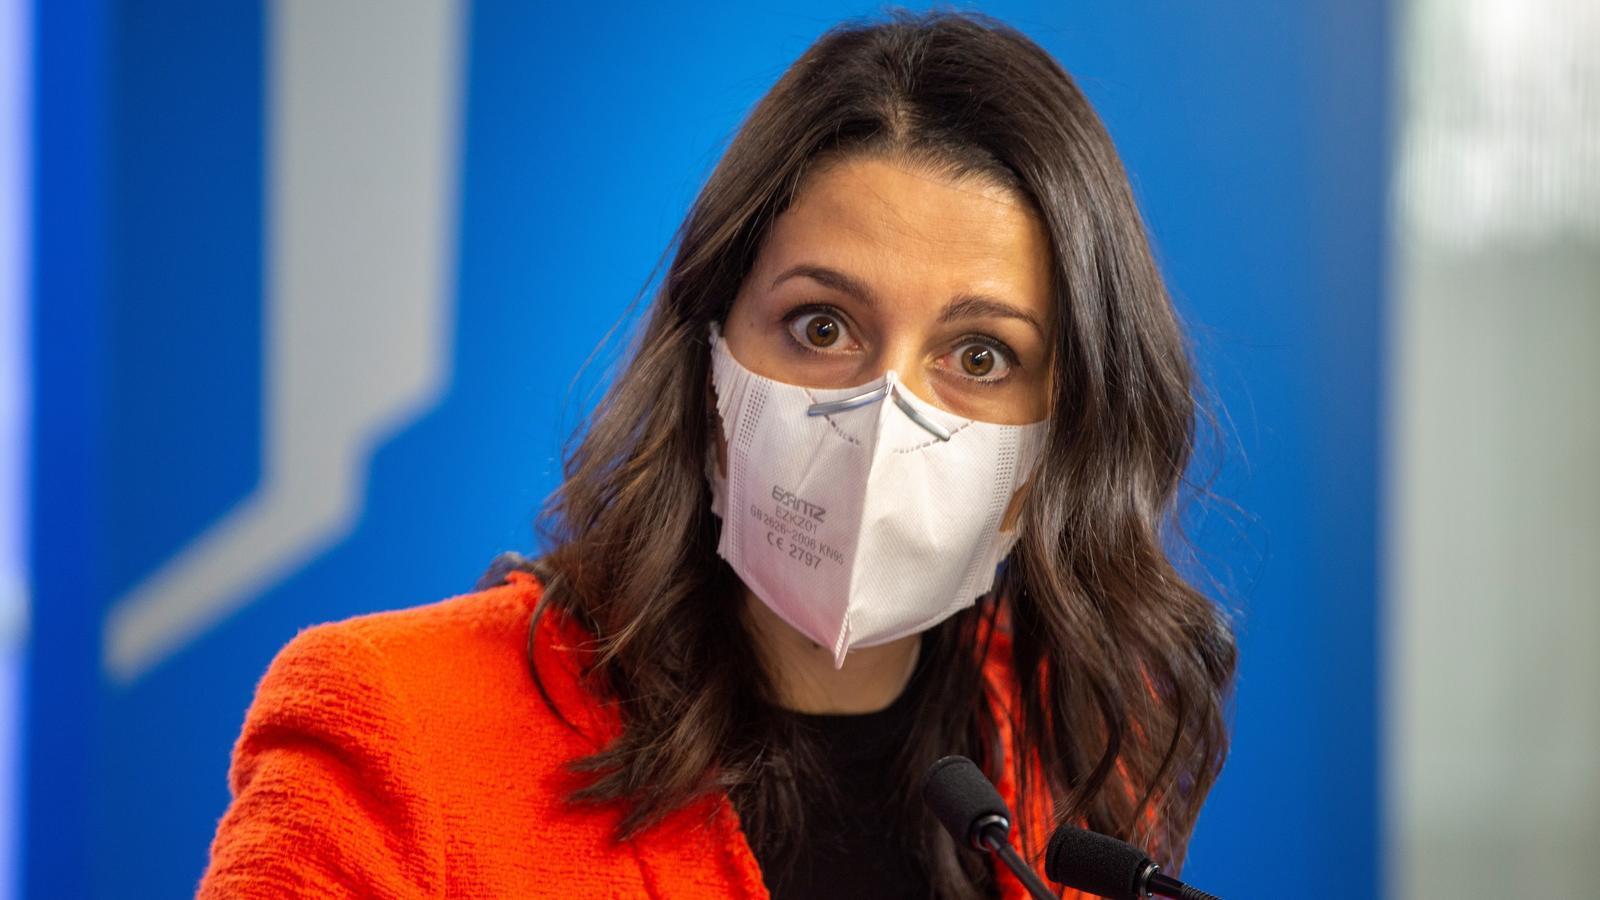 La presidenta de Ciutadans, Inés Arrimadas, durant una roda de premsa la setmana passada des d'Euskadi.